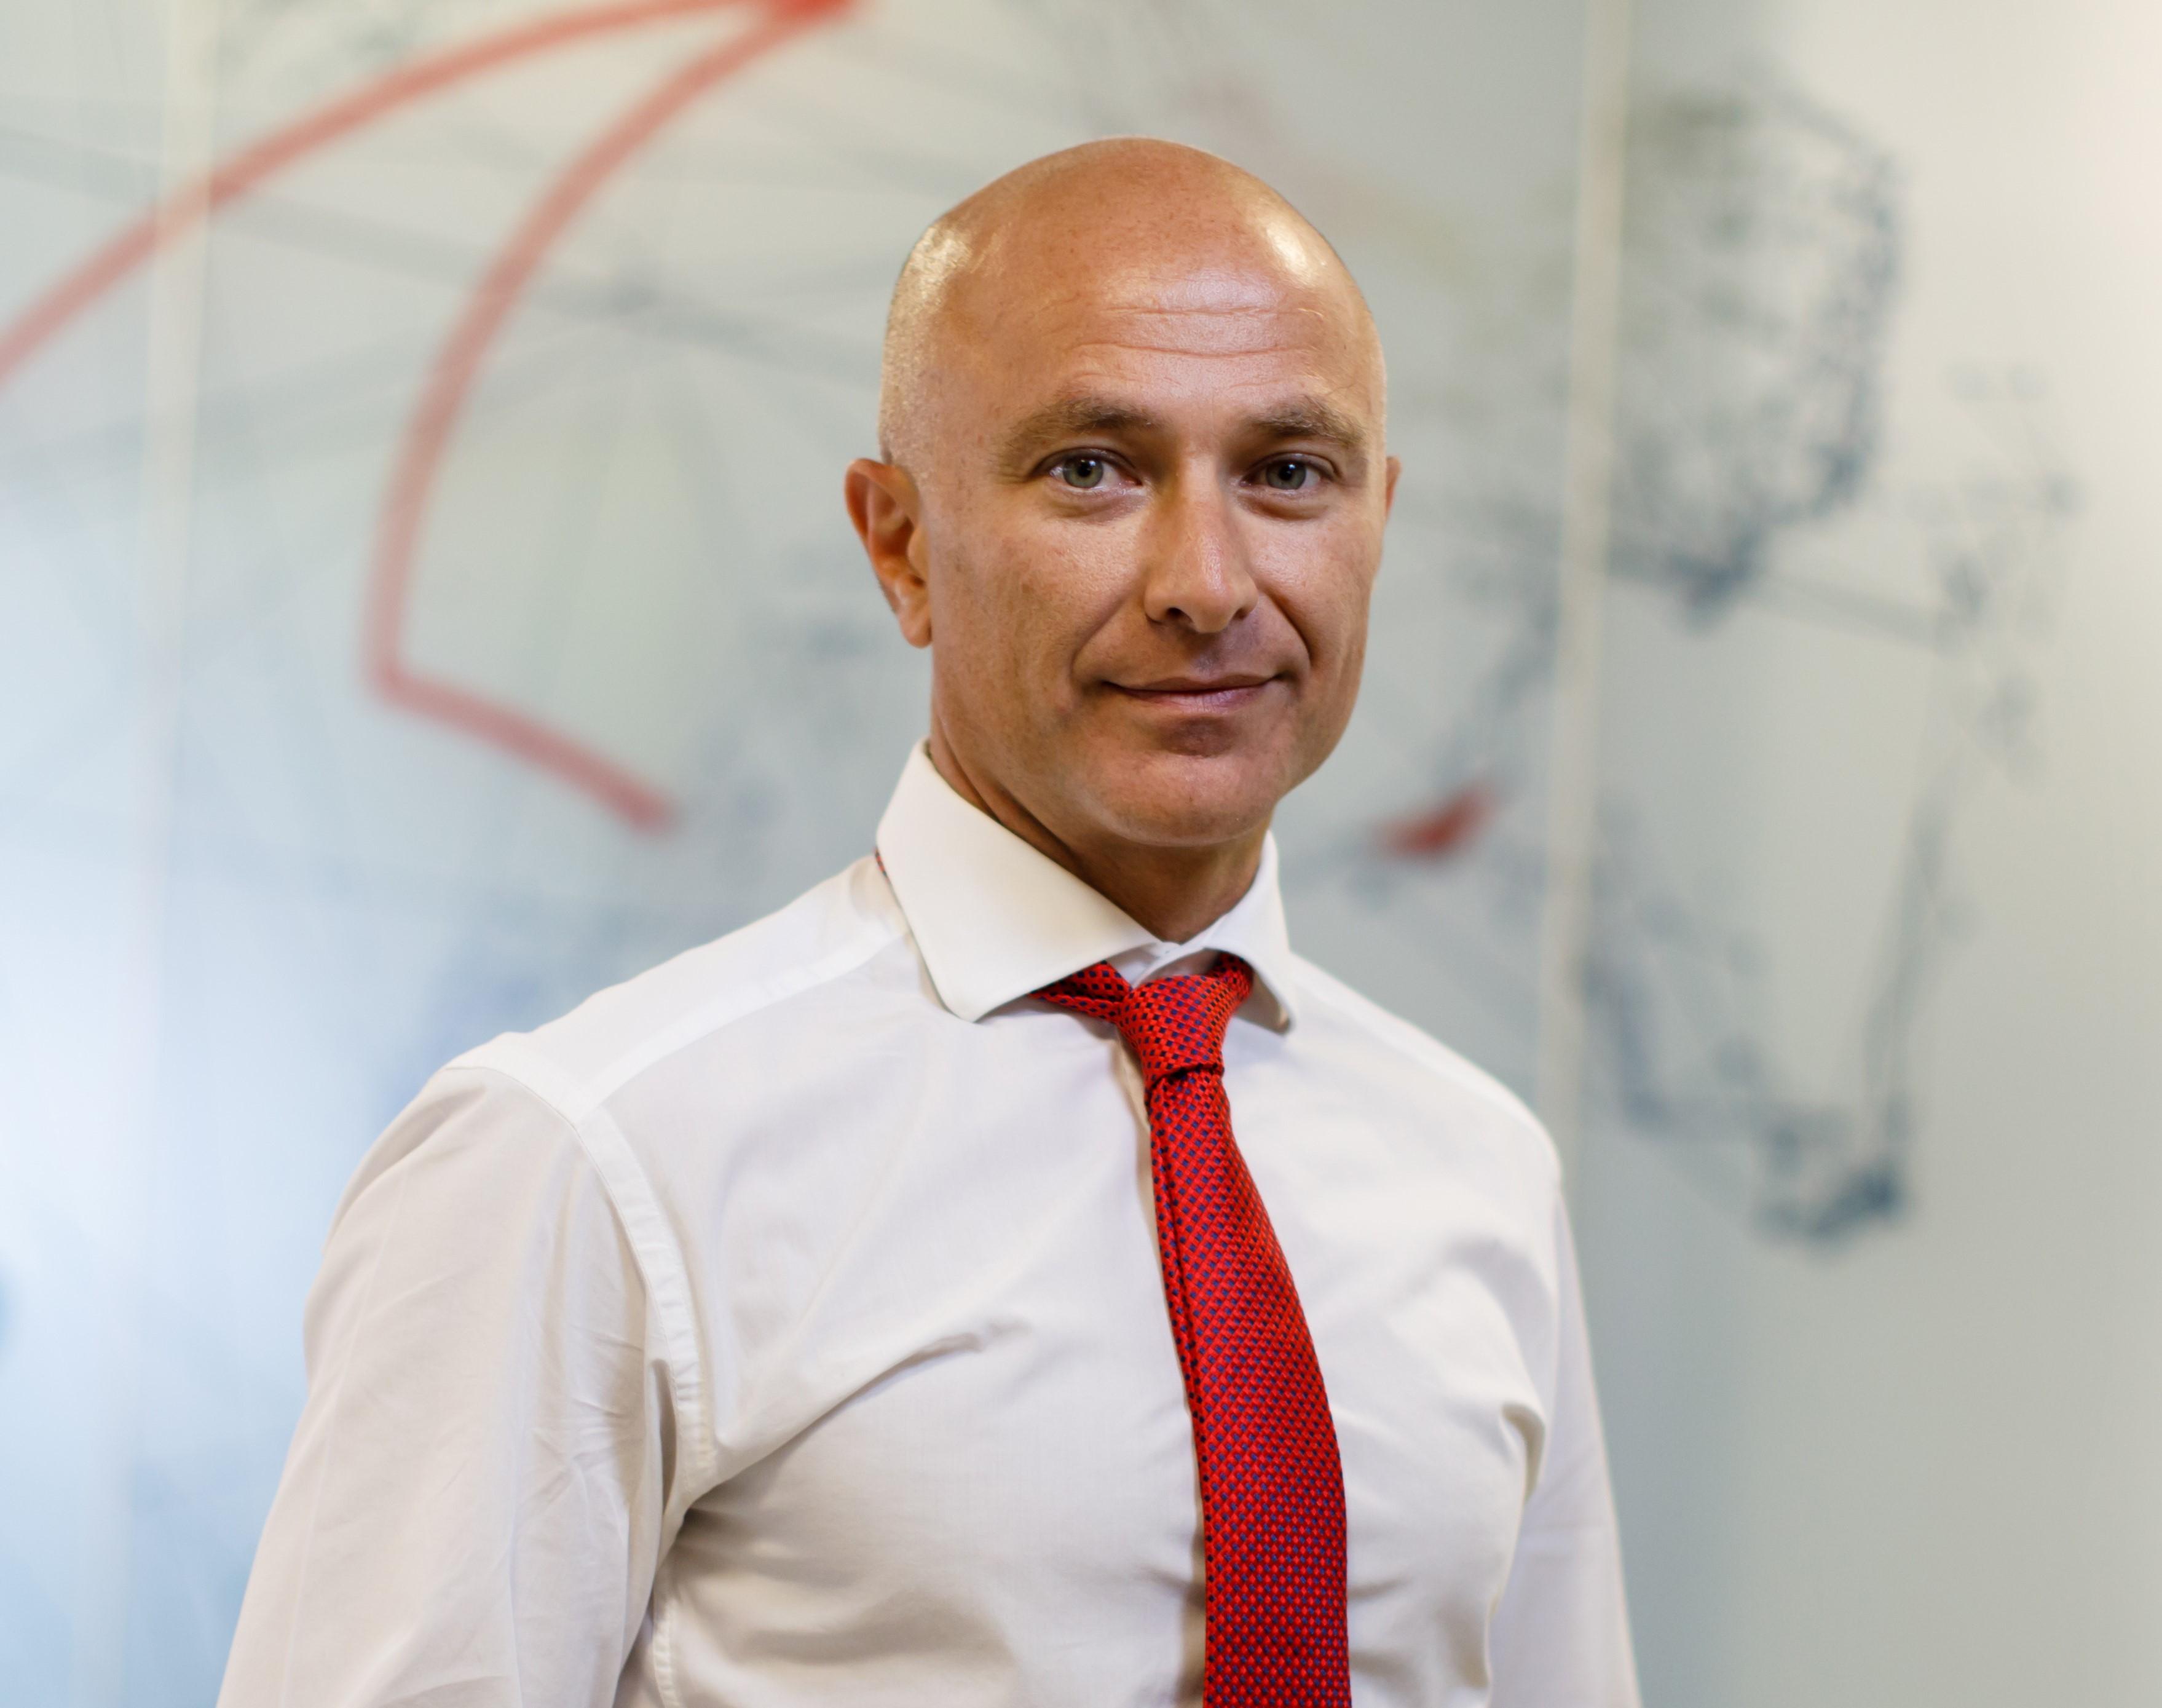 Vodafone numeşte un nou şef pentru România: Achilleas Kanaris, care conduce în prezent operaţiunile grupului din(...)